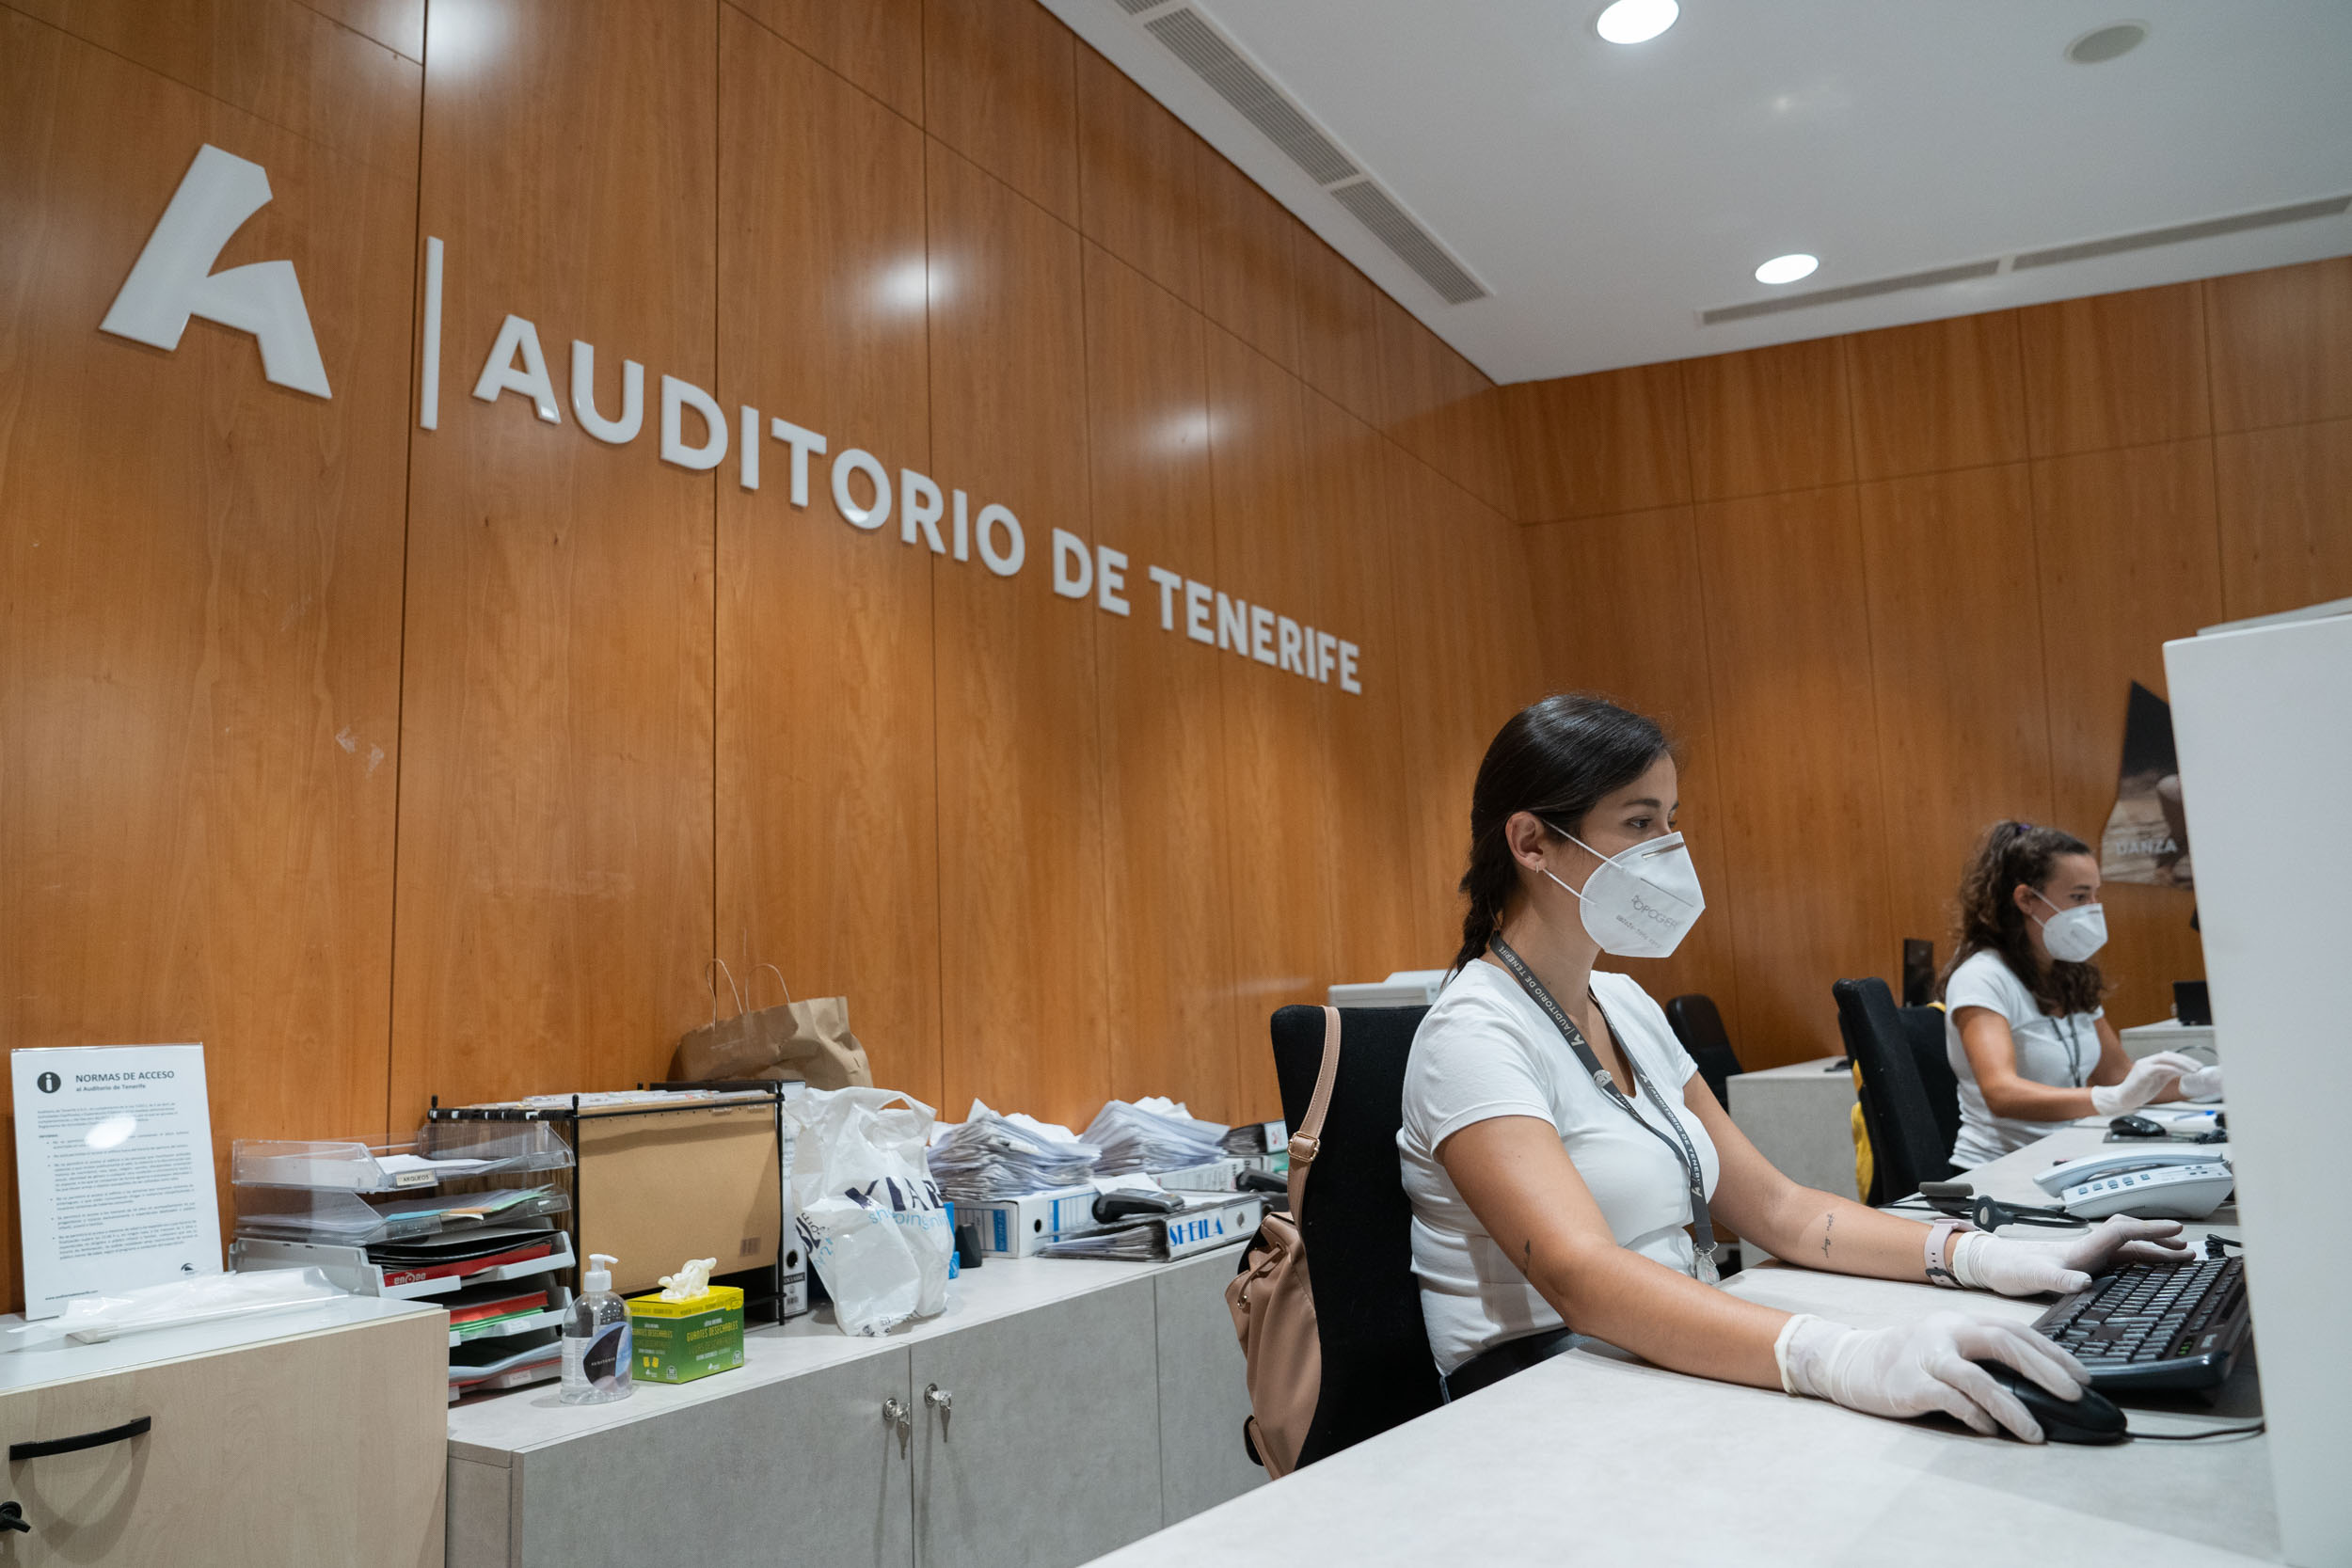 Auditorio de Tenerife reabre mañana la taquilla con cita previa